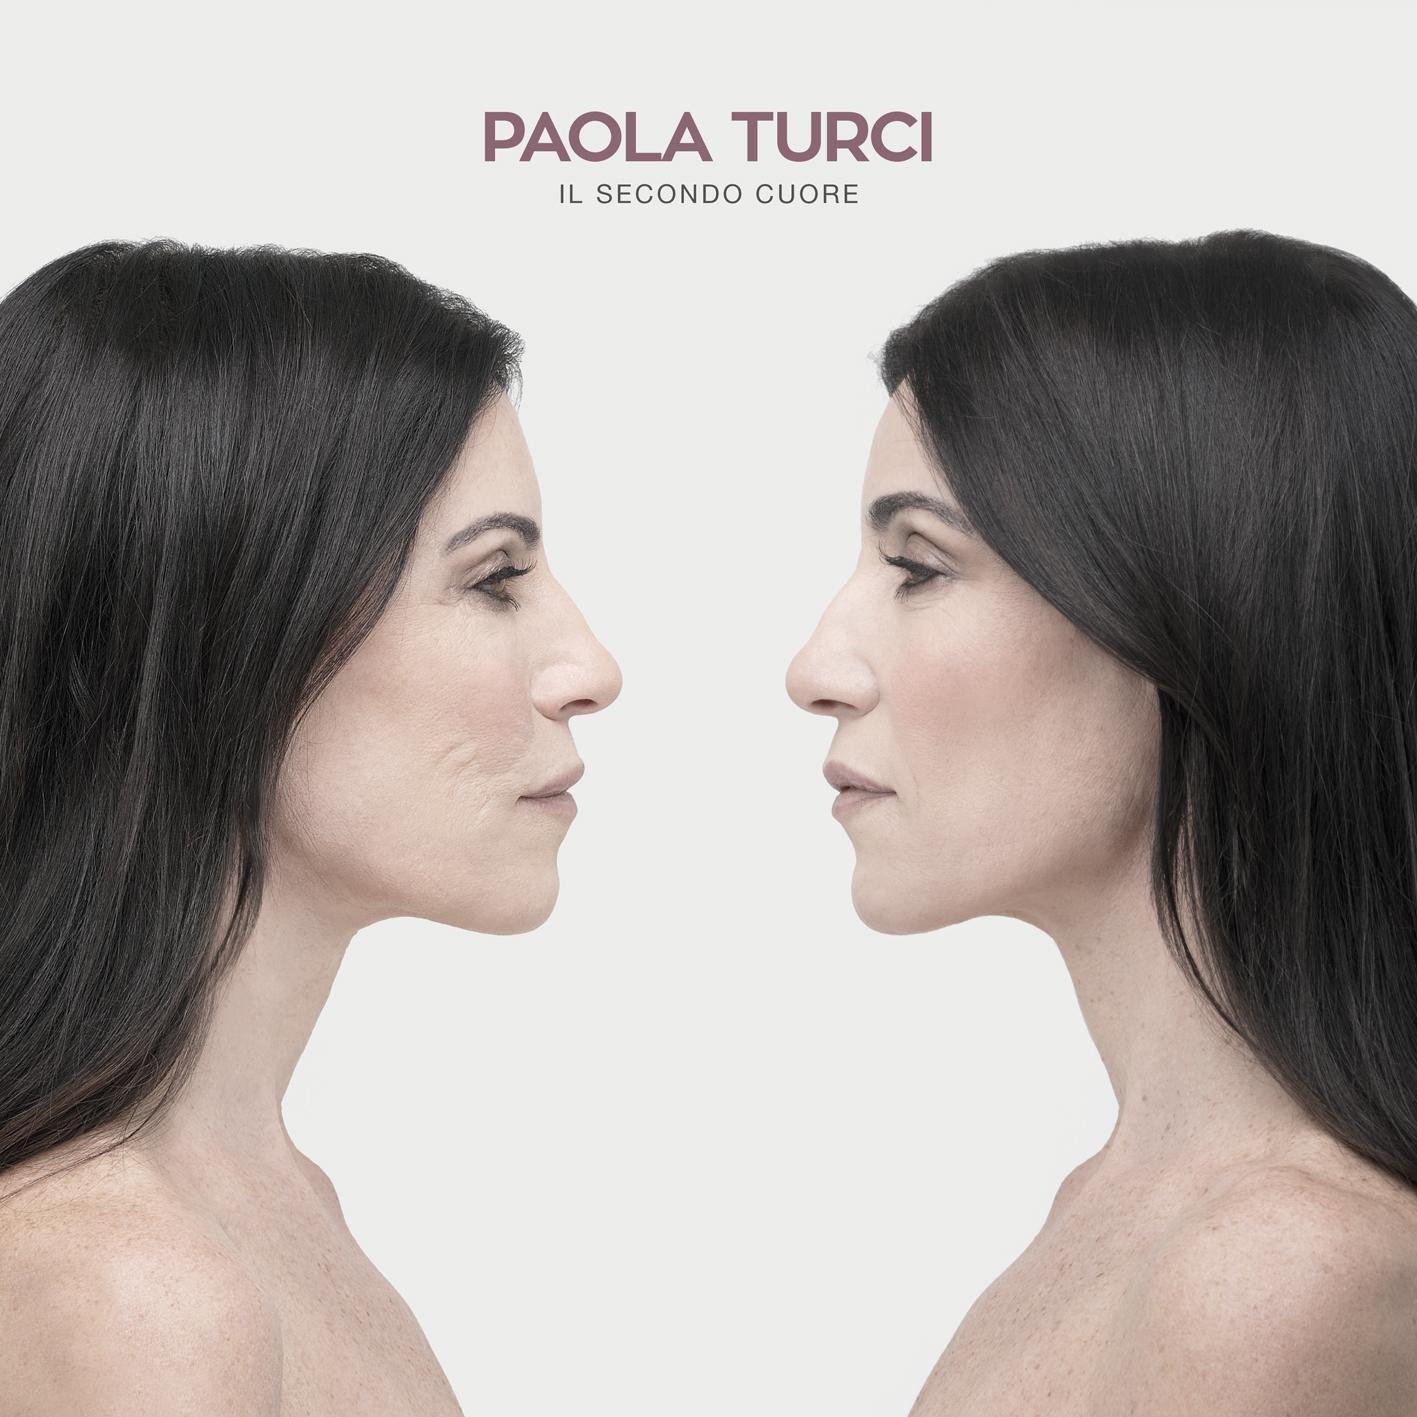 Paola Turci - Il secondo cuore- cover album